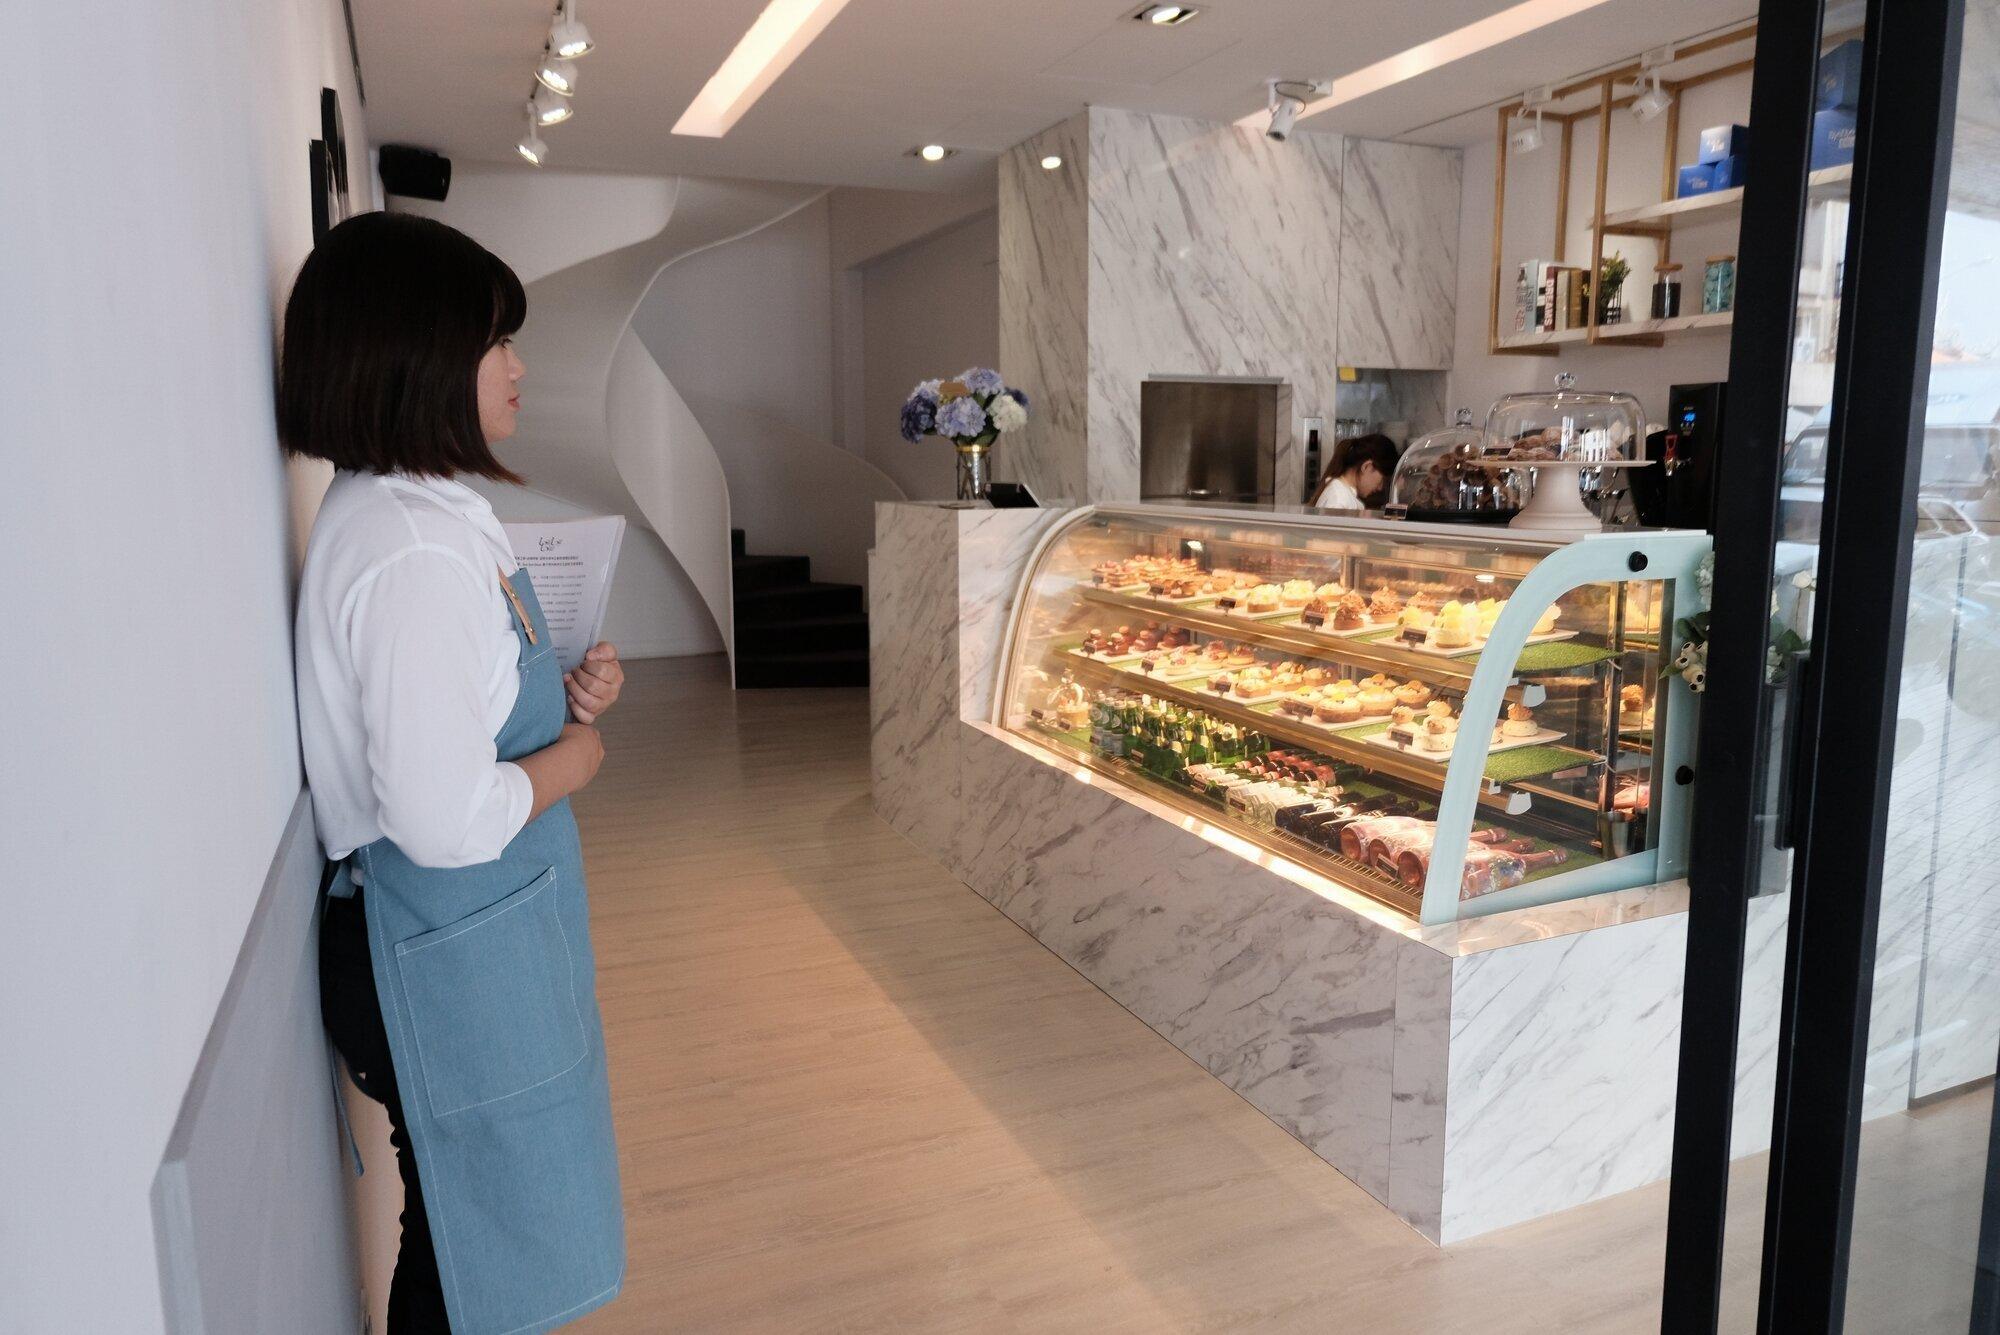 米其林等級的甜點店「Bye bye blues」海外首家店就選在台南,5/18將開賣。